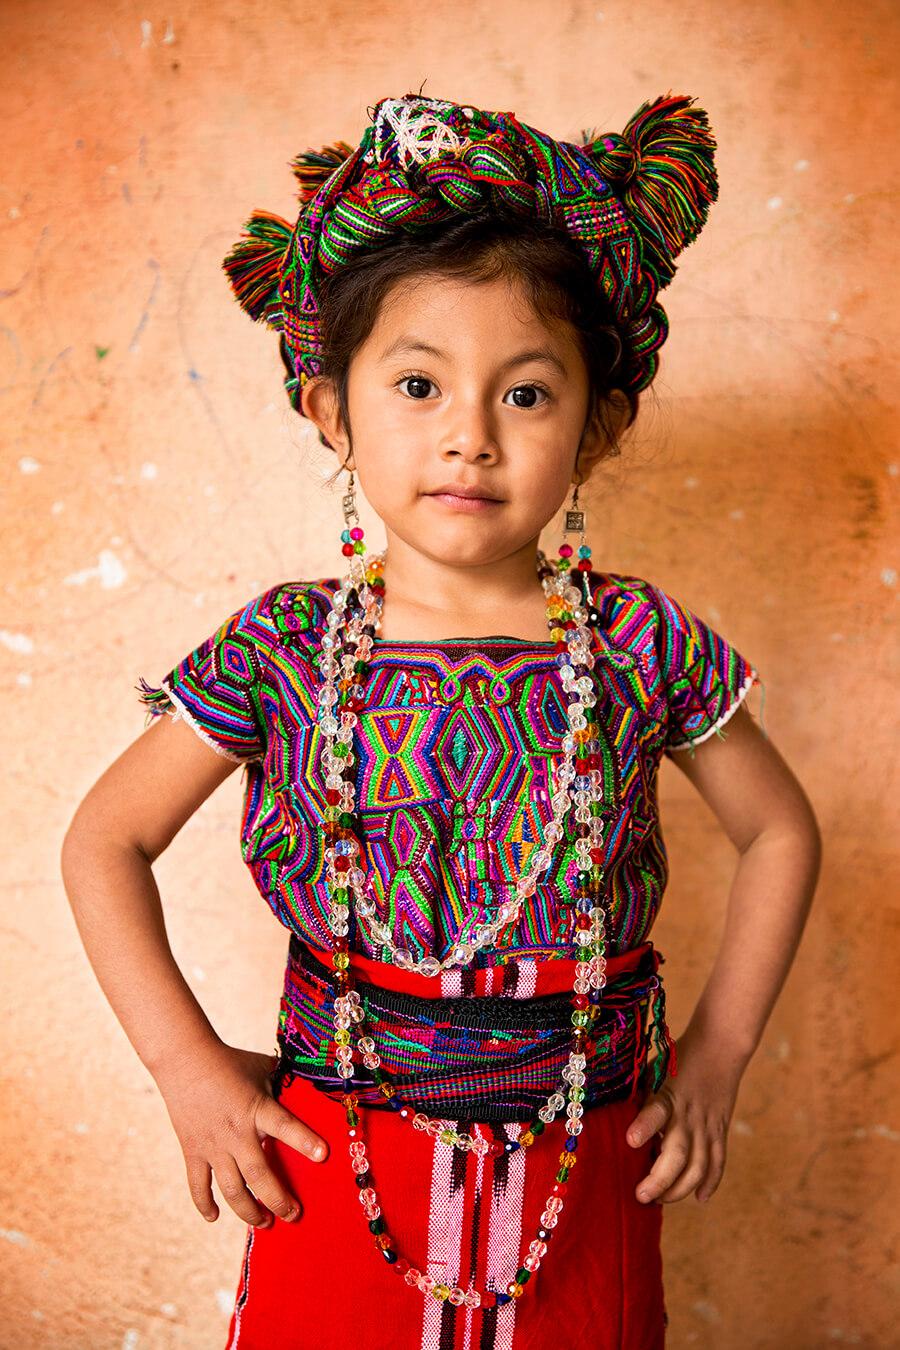 Девочка ишиль - одной из многочисленных народностей майя. Гватемала © Александр Химушин / The World In Faces